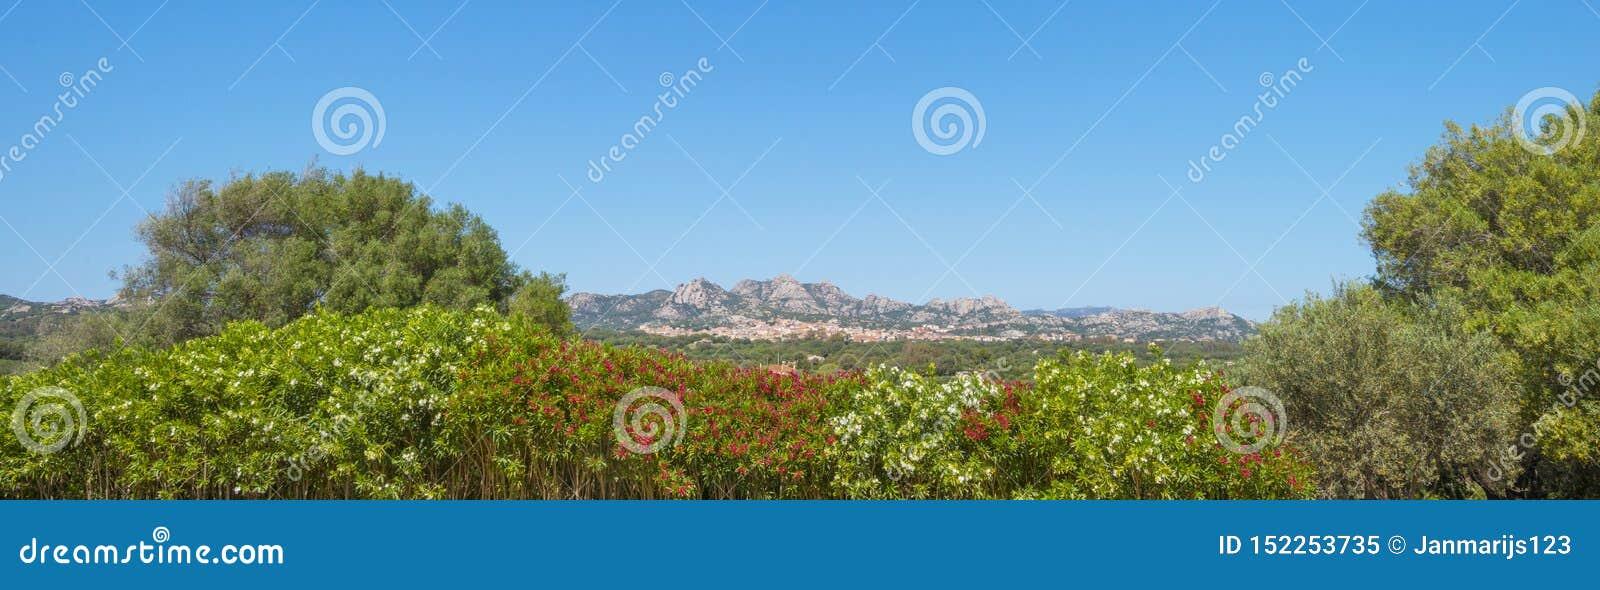 Paysage scénique des collines vertes et des montagnes rocheuses de l île de la Sardaigne